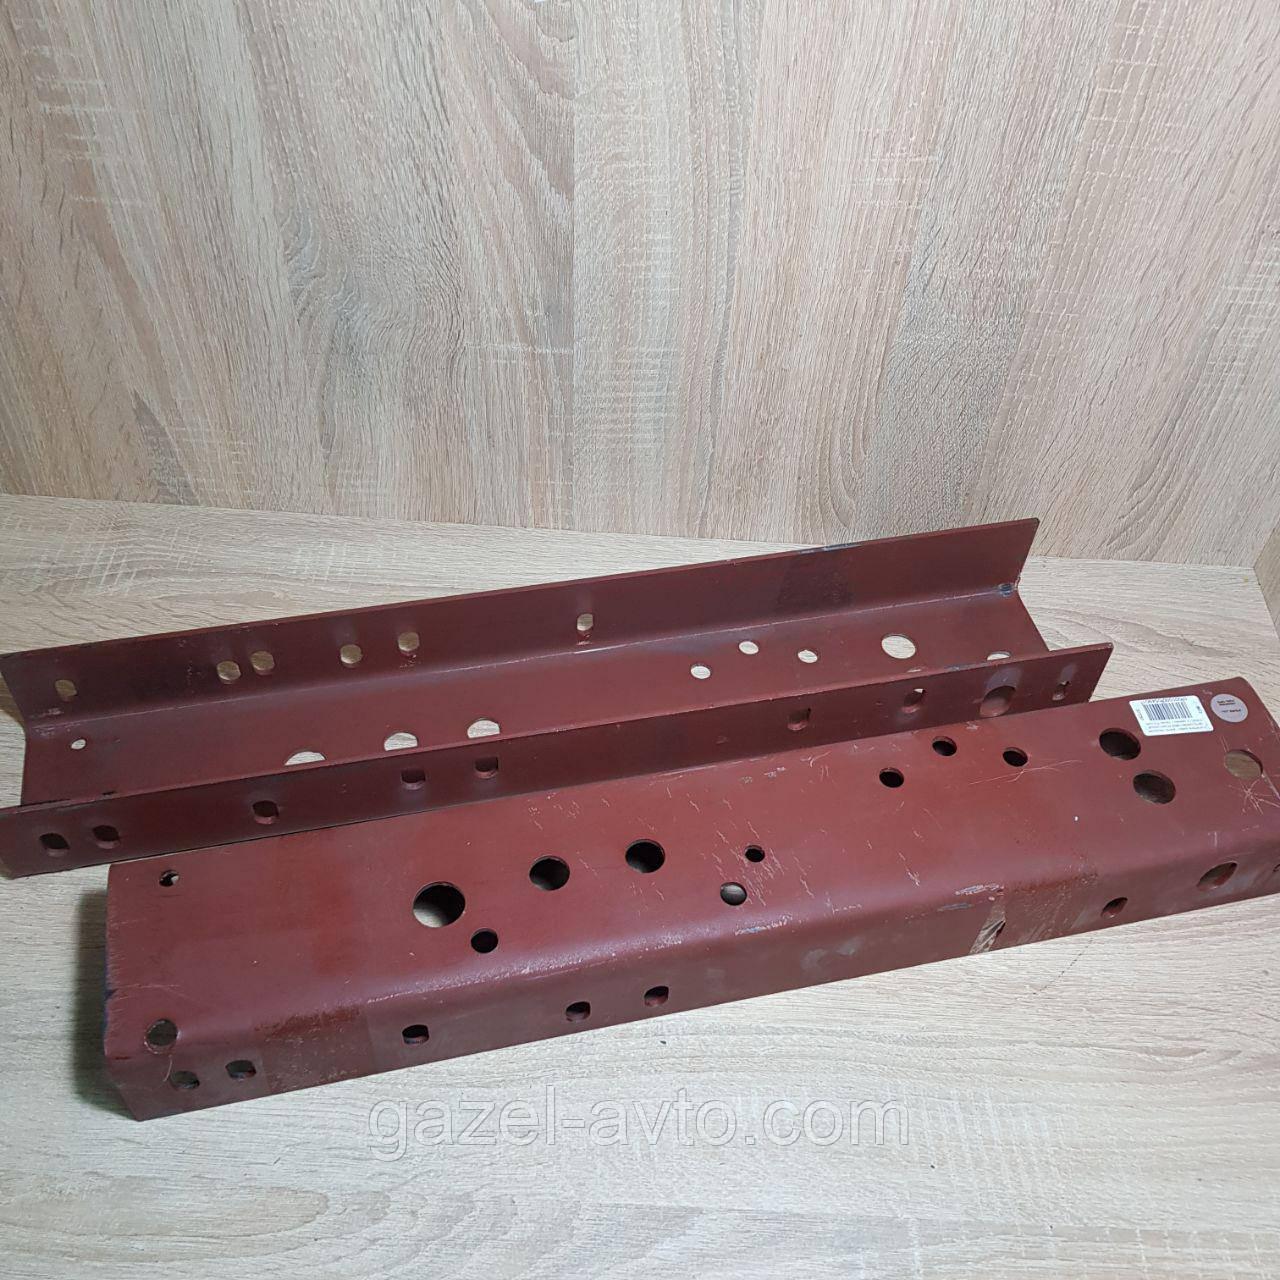 Усилитель рамы Газель передняя часть (ремвставка из рессорной стали, толщина=4,5мм) (2 наимен.) (пр-во Россия)